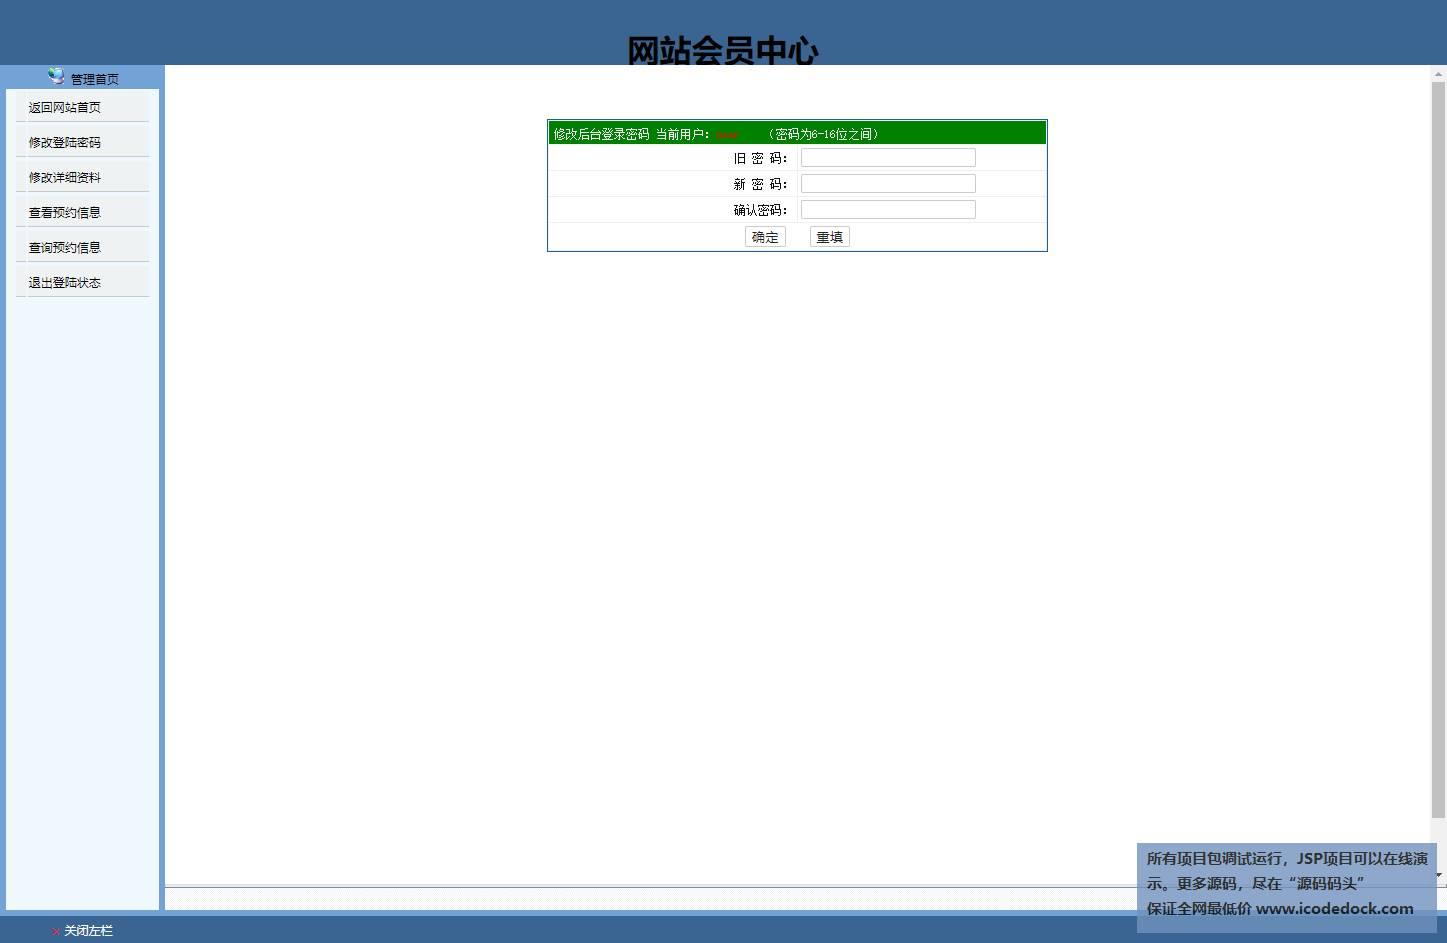 源码码头-JSP医院在线挂号管理系统-患者角色-修改密码